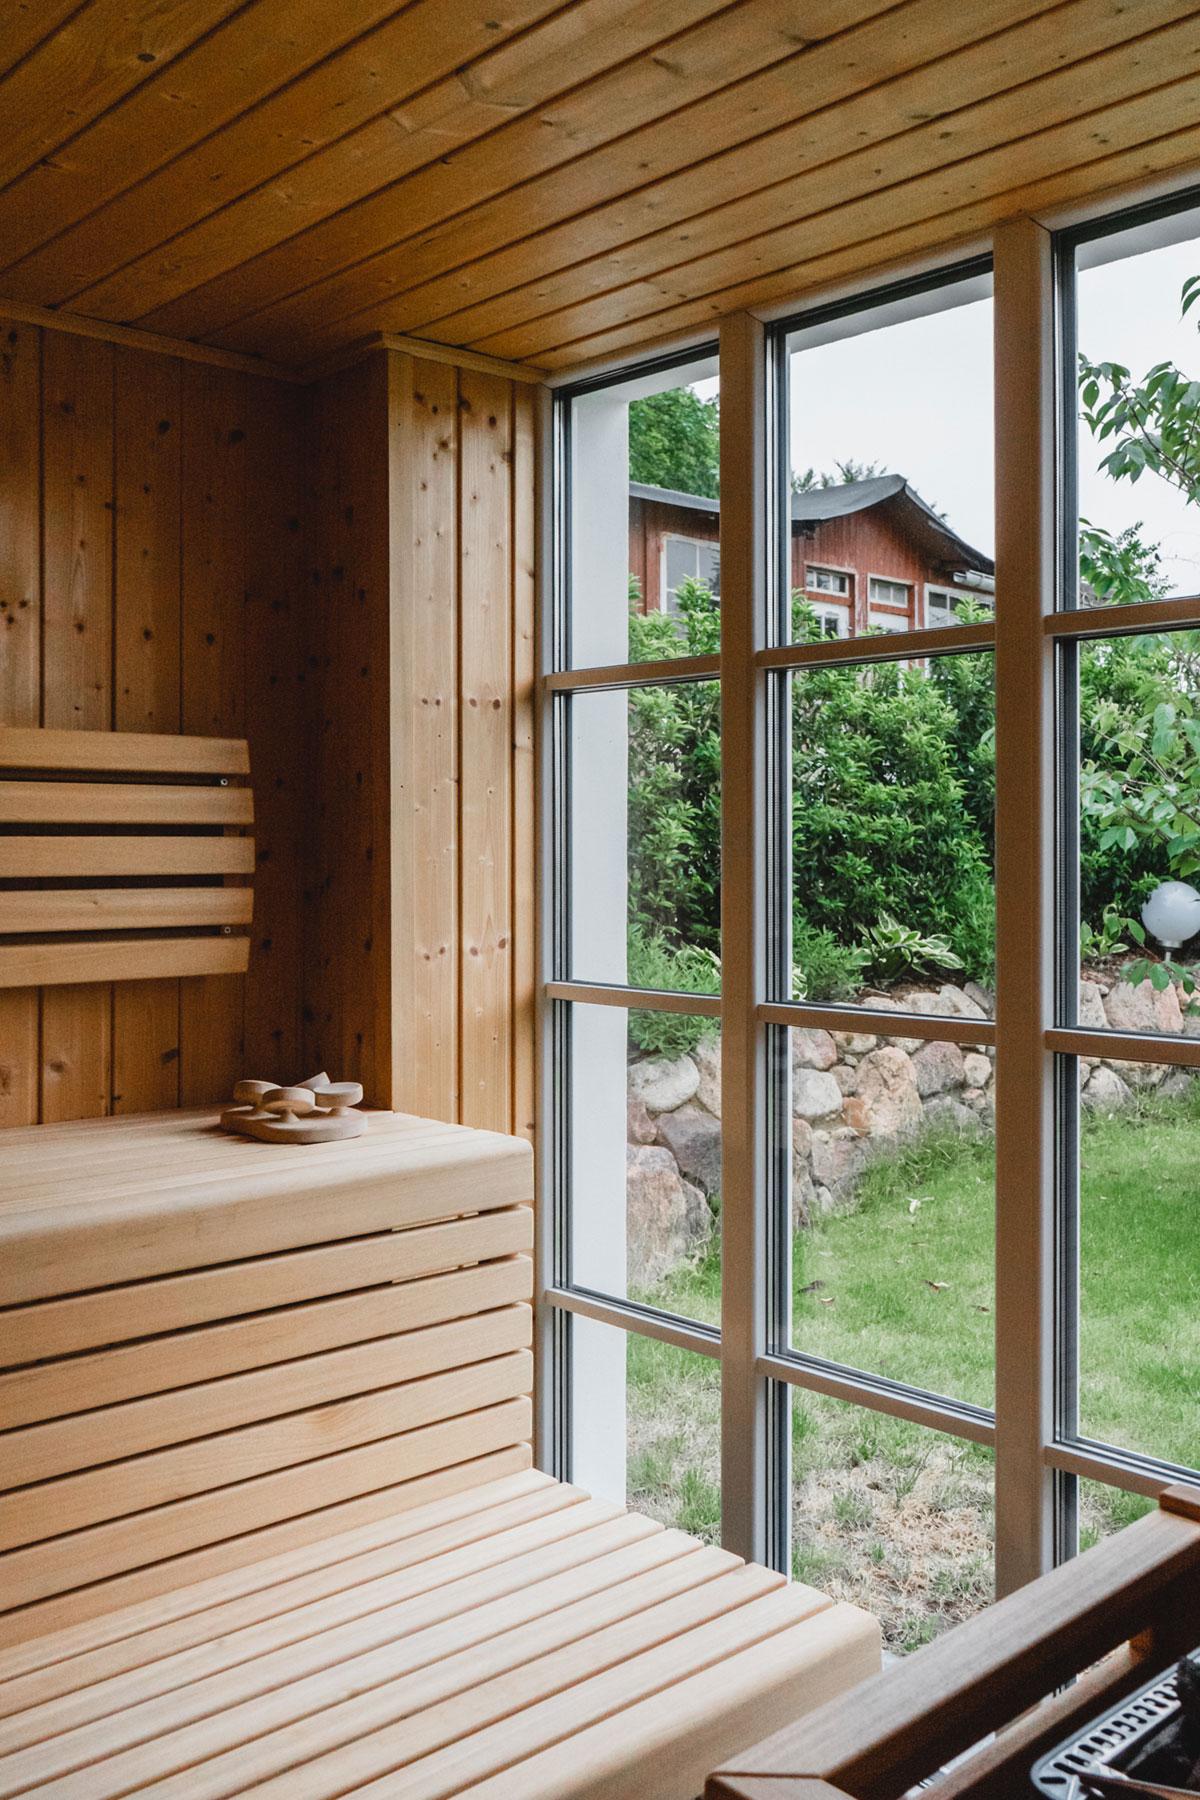 Nach dem Workout lohnt ein Gang in die Sauna mit großem Panoramafenster